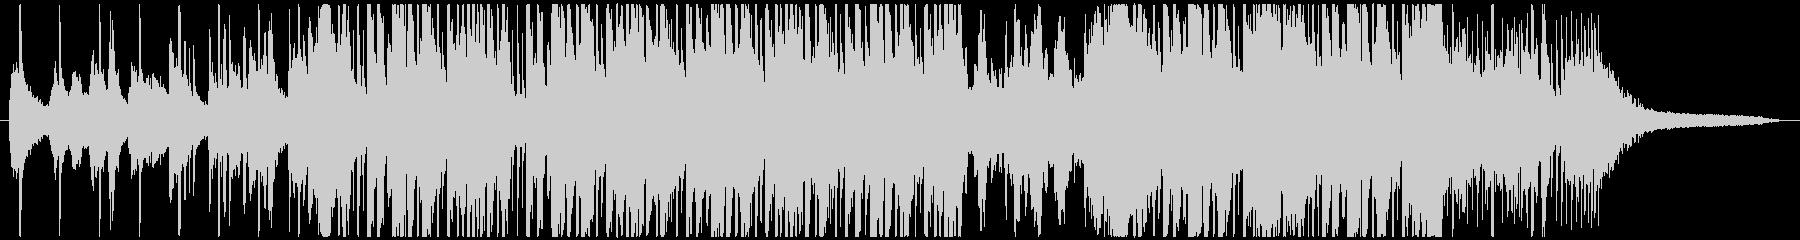 アリアナグランデ風洋楽ポップBGMの未再生の波形